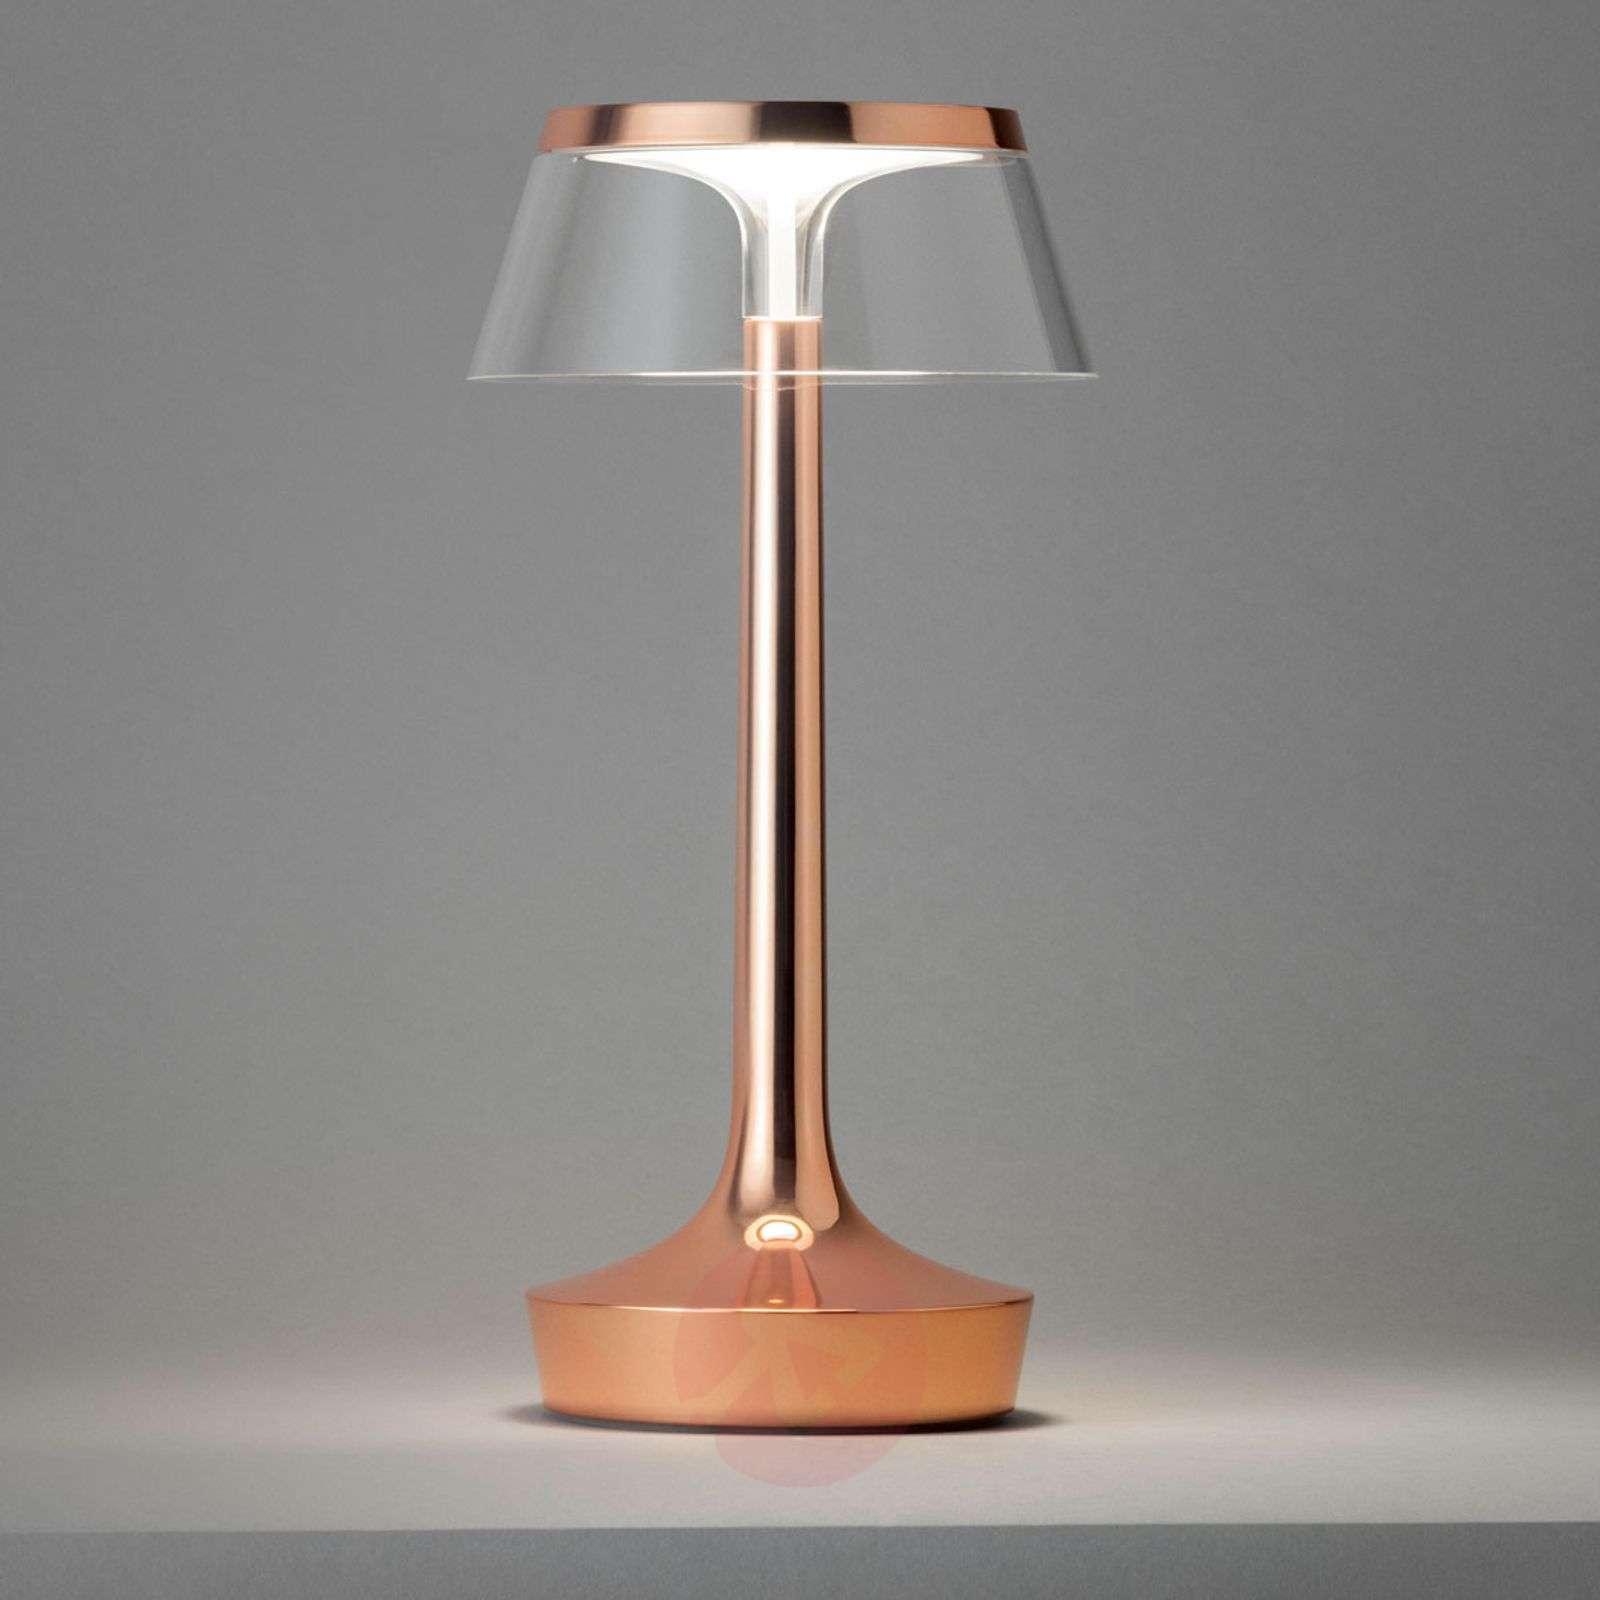 Kuparinvärinen Bon Jour unplugged LED-pöytävalo-3510380-01